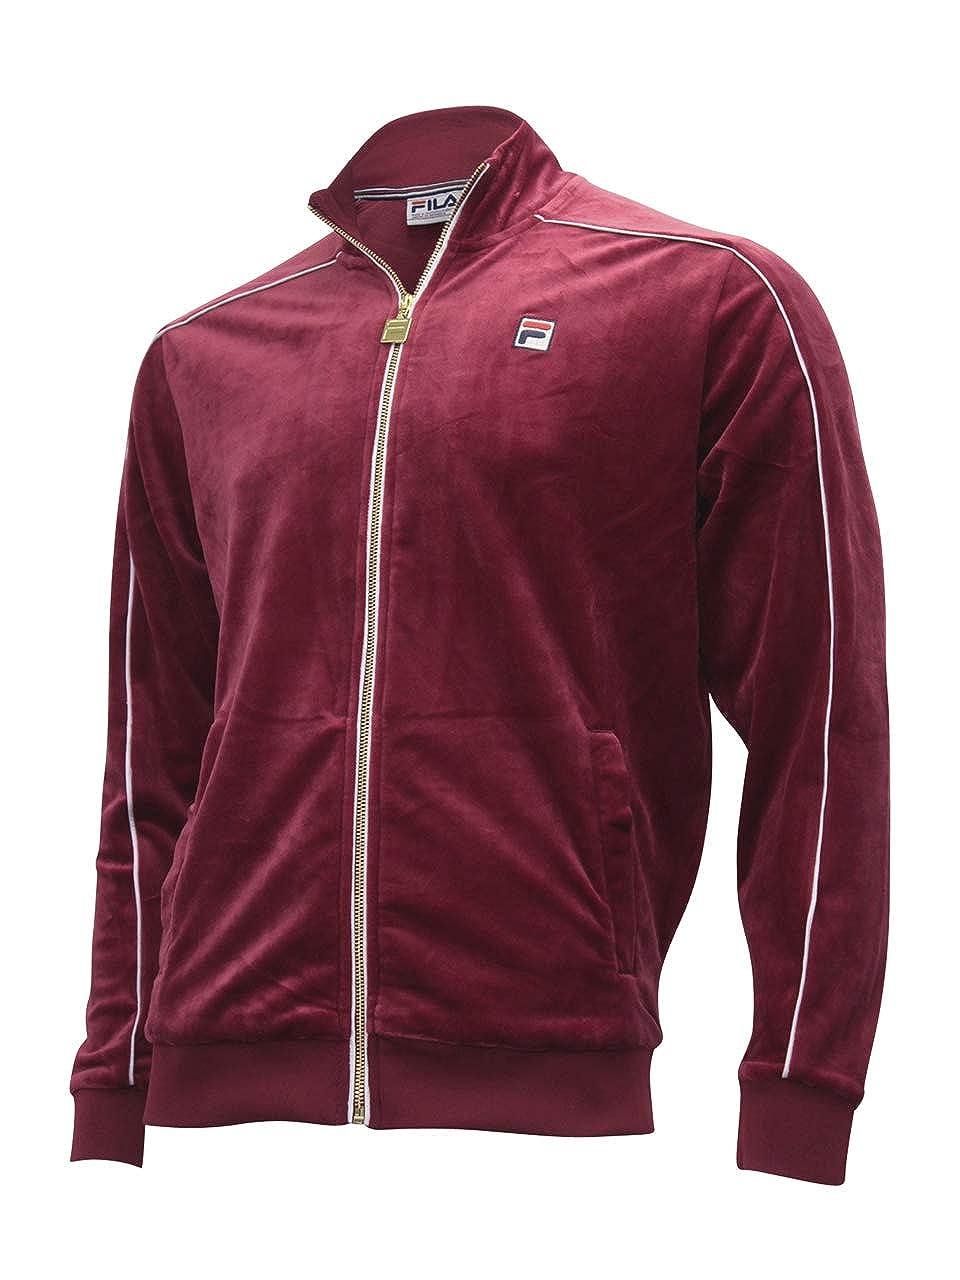 57d130093e Fila Men's Lineker Track Jacket at Amazon Men's Clothing store: